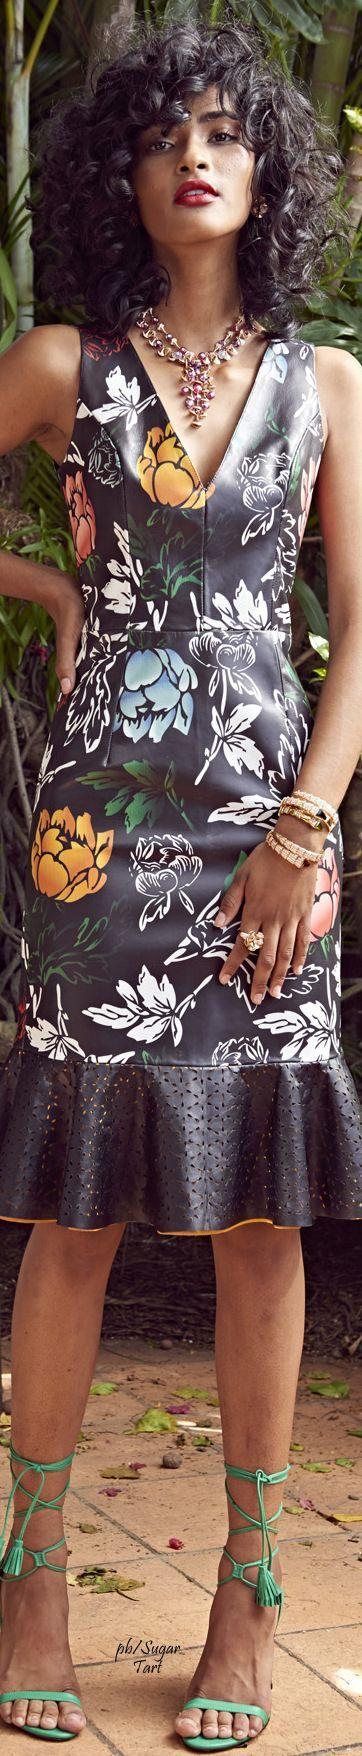 EBANX | Tendência para 2017: Estampas florais são destaque esse ano. Aplicadas em fundos claros ou escuros essas peças são extremamente versáteis e trazem muito charme ao seu look.